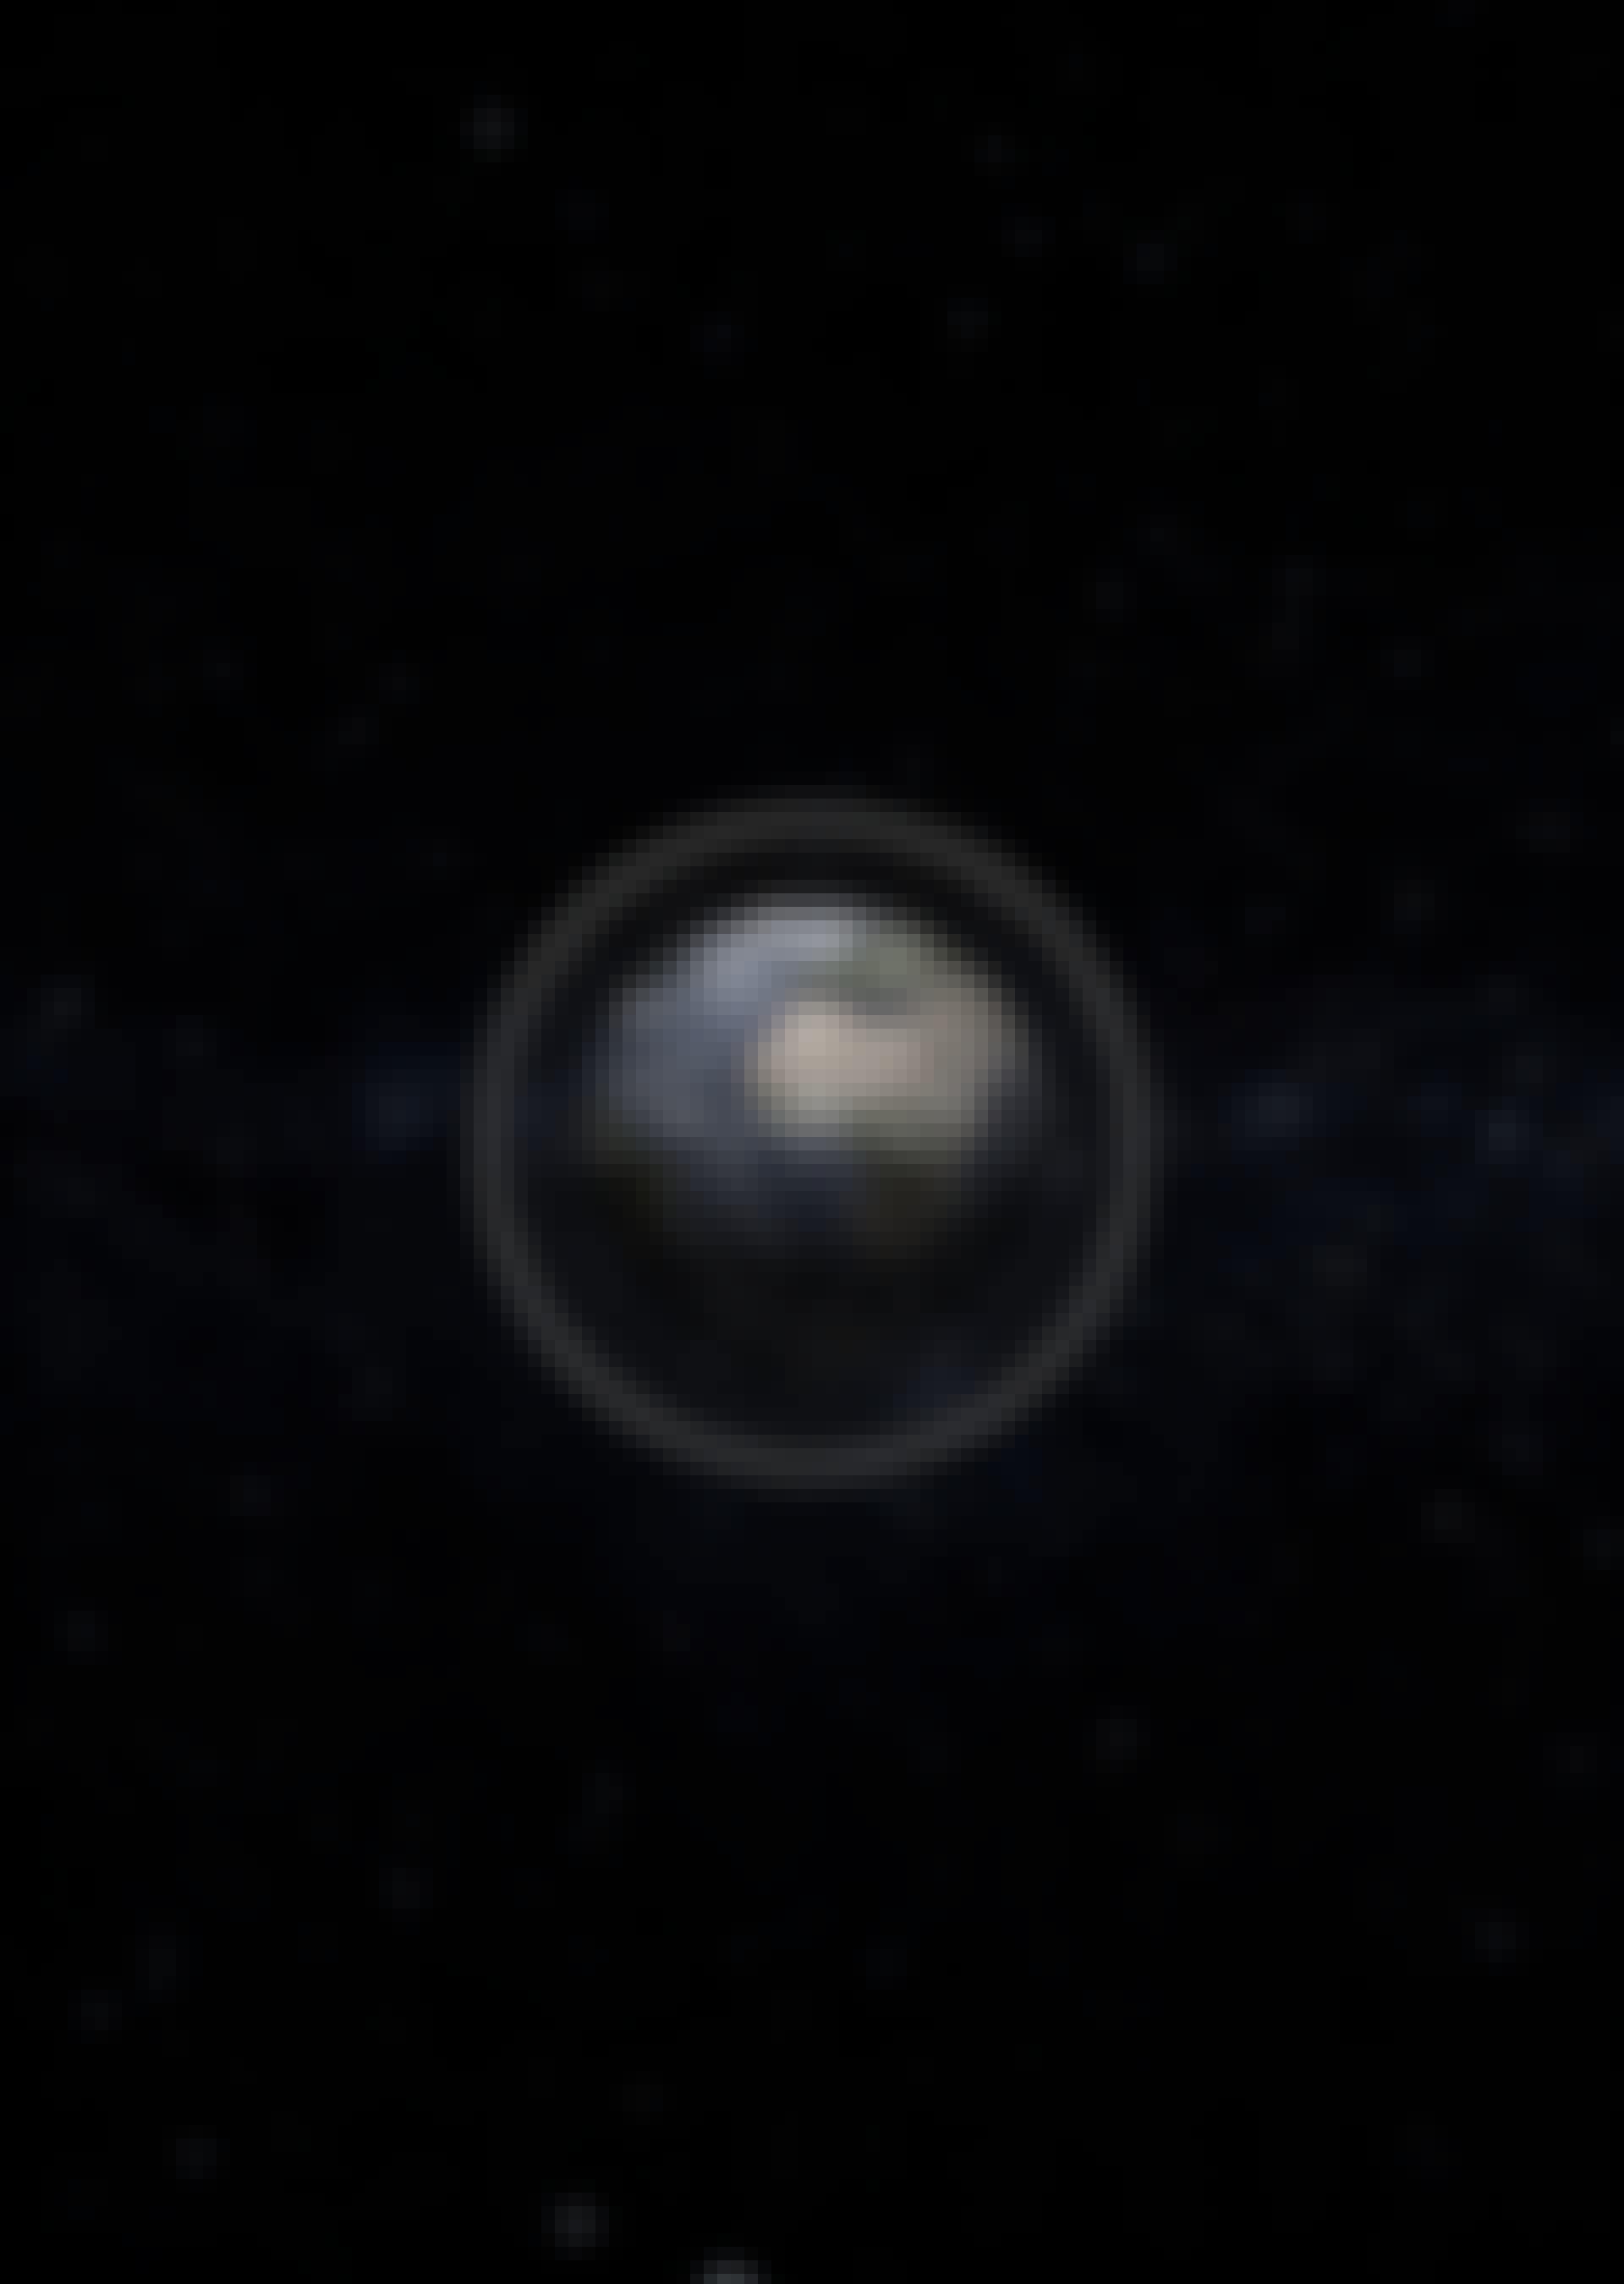 Maan ilmakehä - mesosfääri